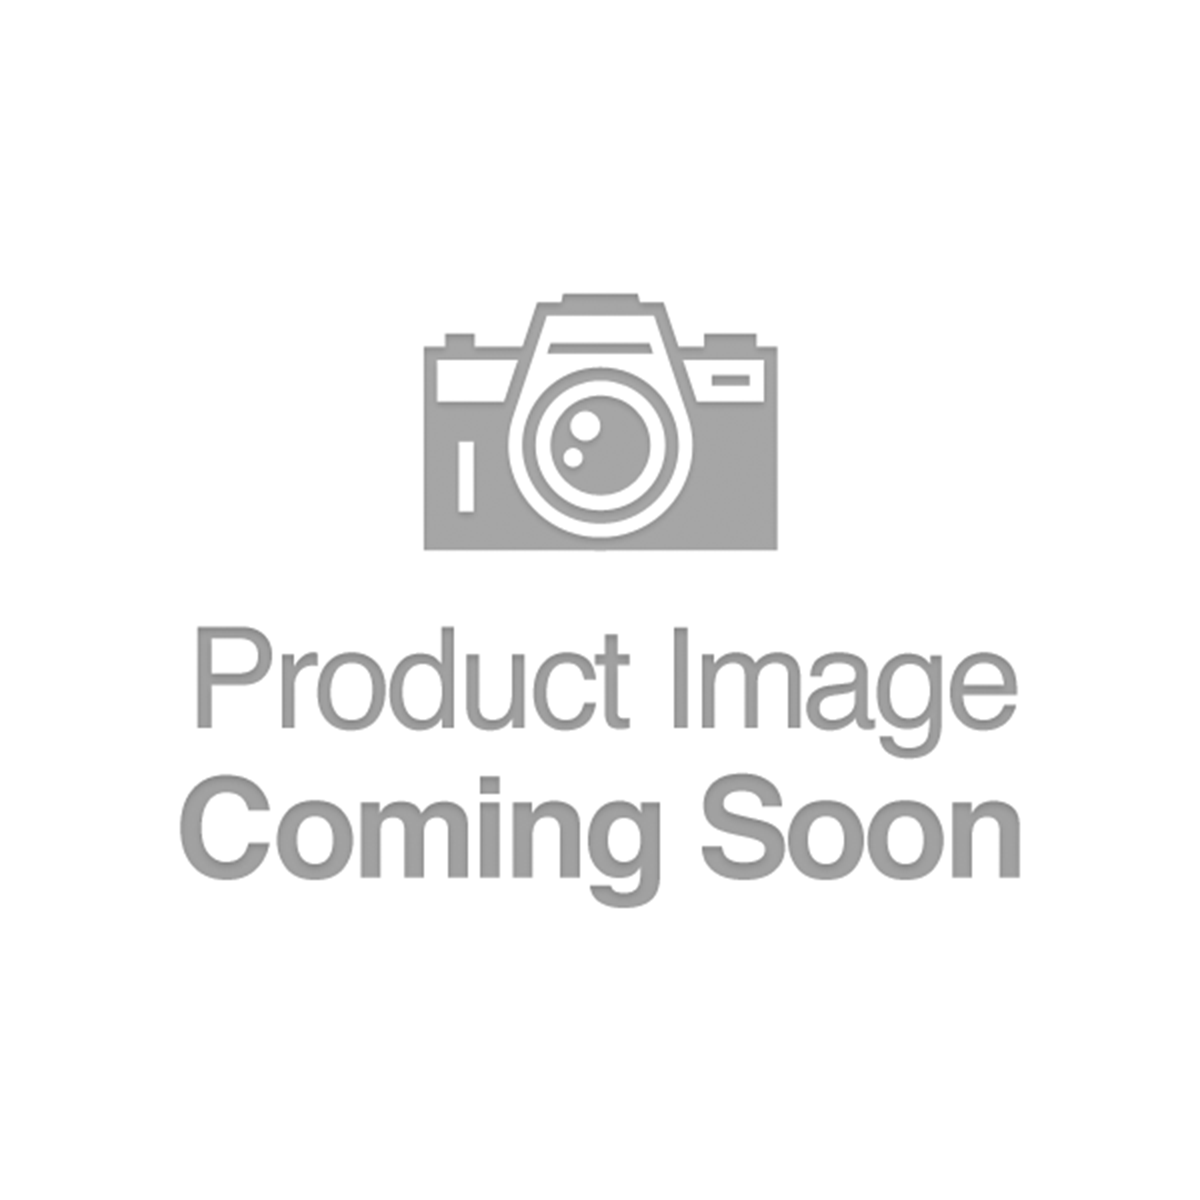 Blackfoot - Idaho - CH 7419 - FR 650 - PMG Very Fine 25